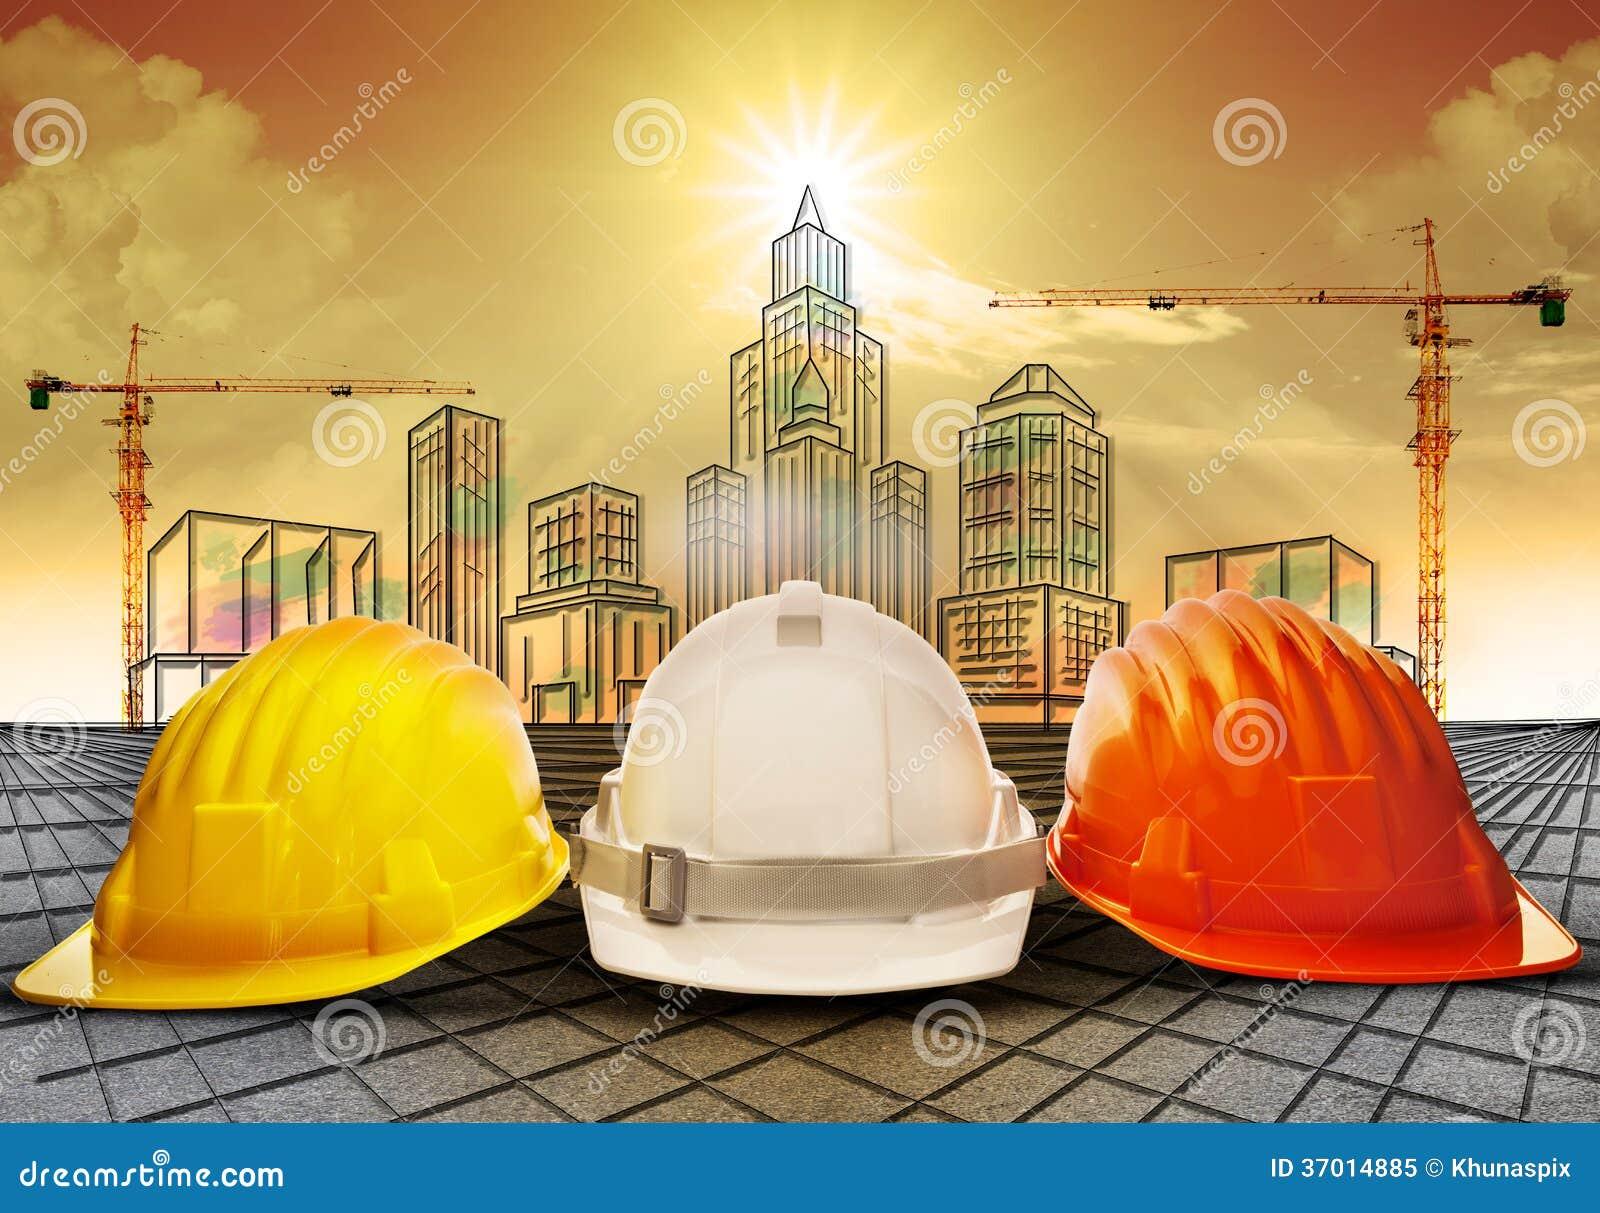 Zbawczy hełm i budynek budowa kreśli na papierkowej roboty use dla przemysłu budowlanego biznesu i architektury engineeri